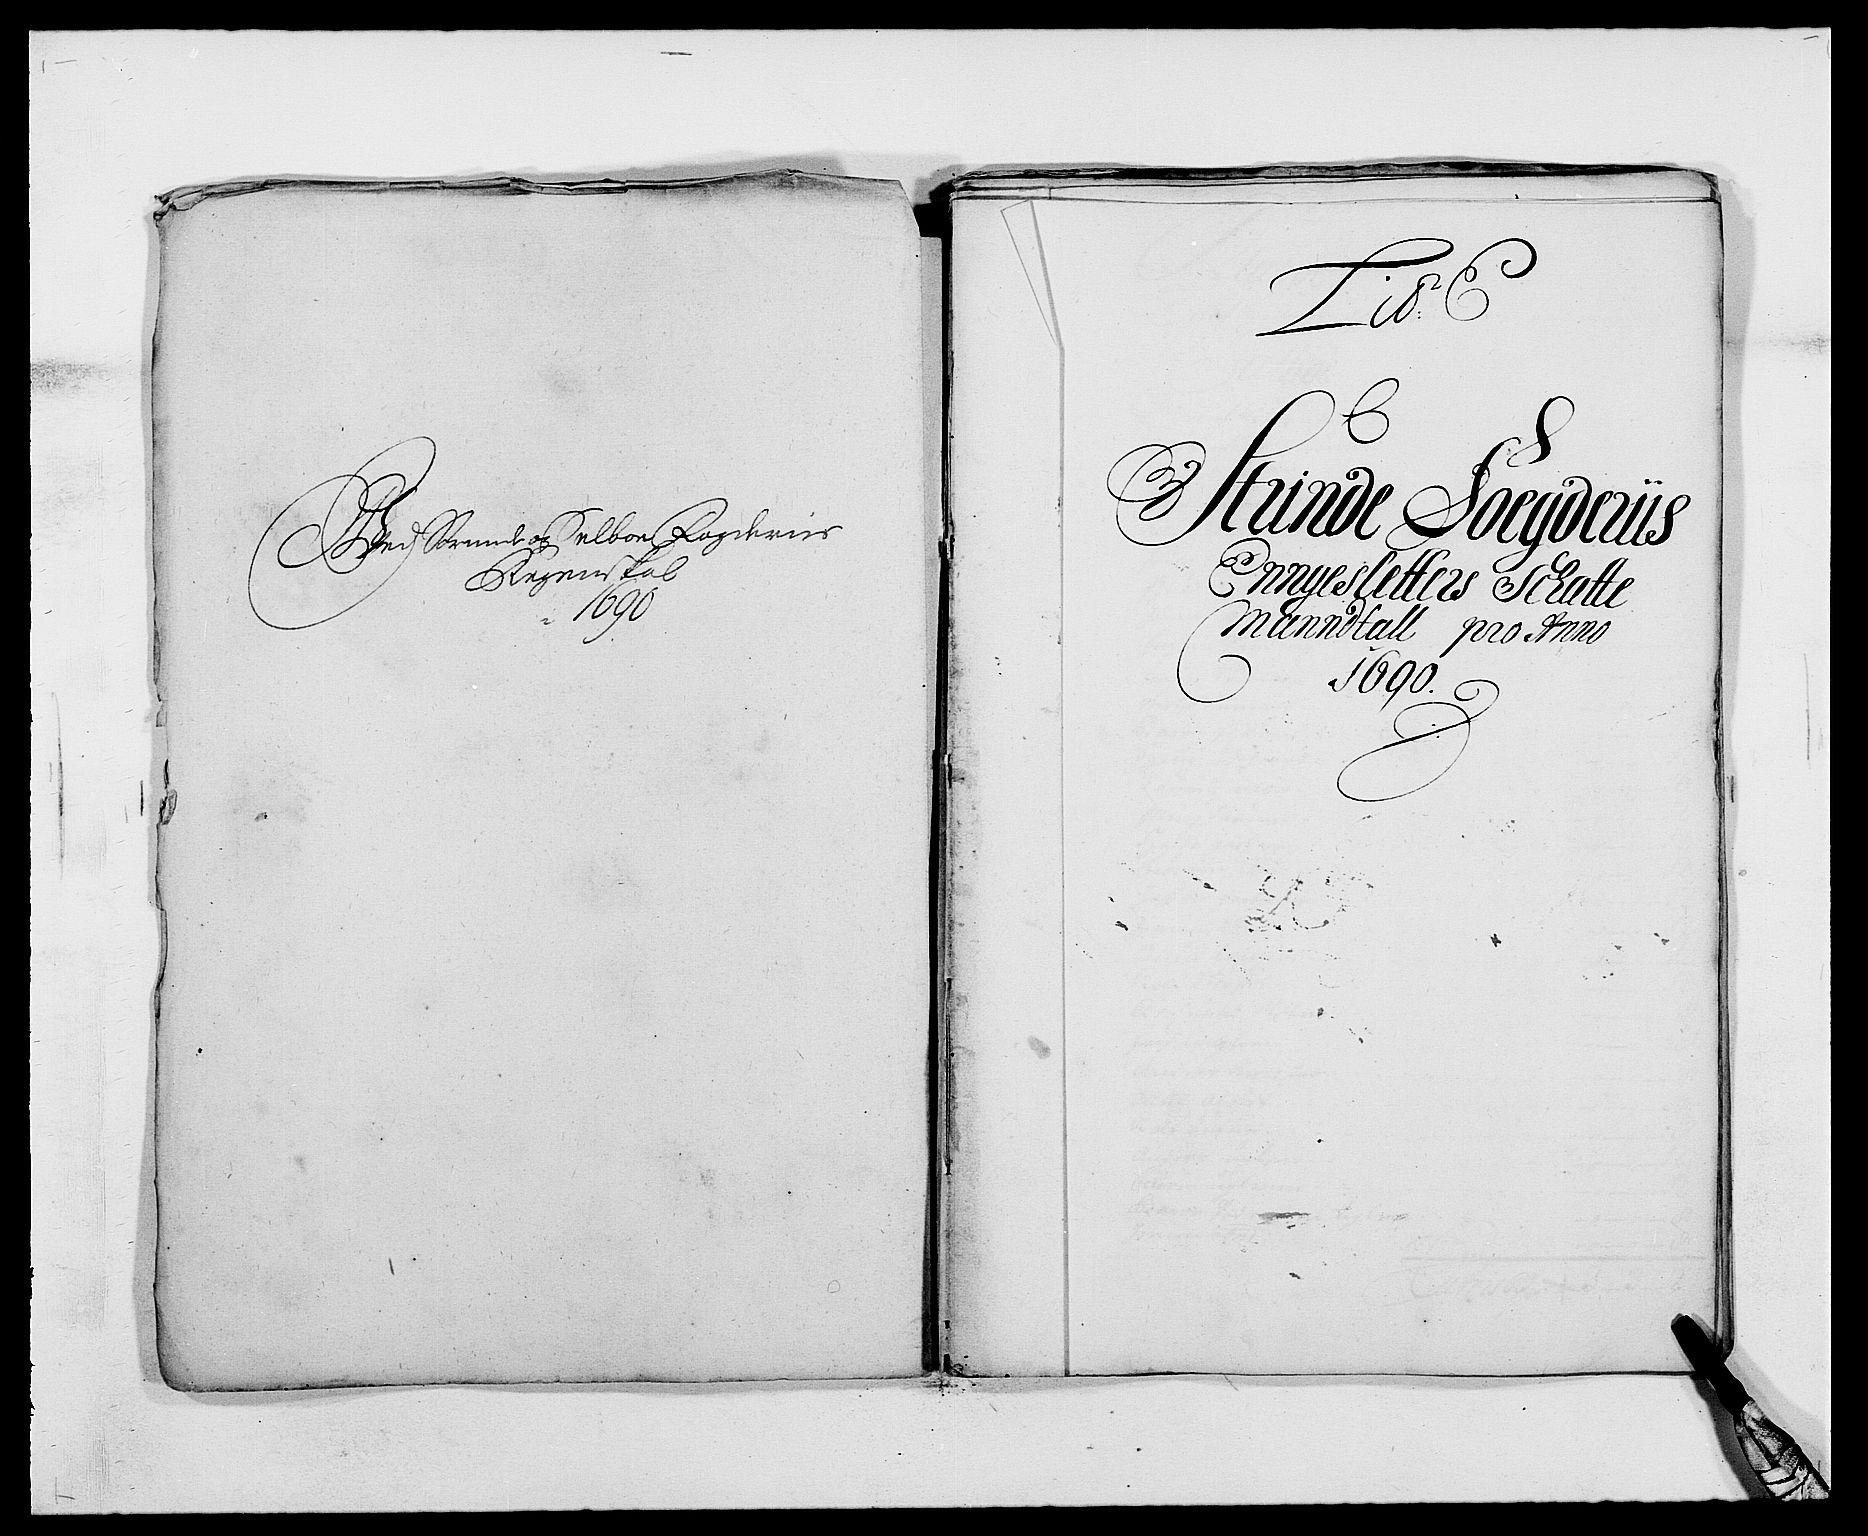 RA, Rentekammeret inntil 1814, Reviderte regnskaper, Fogderegnskap, R61/L4102: Fogderegnskap Strinda og Selbu, 1689-1690, s. 183